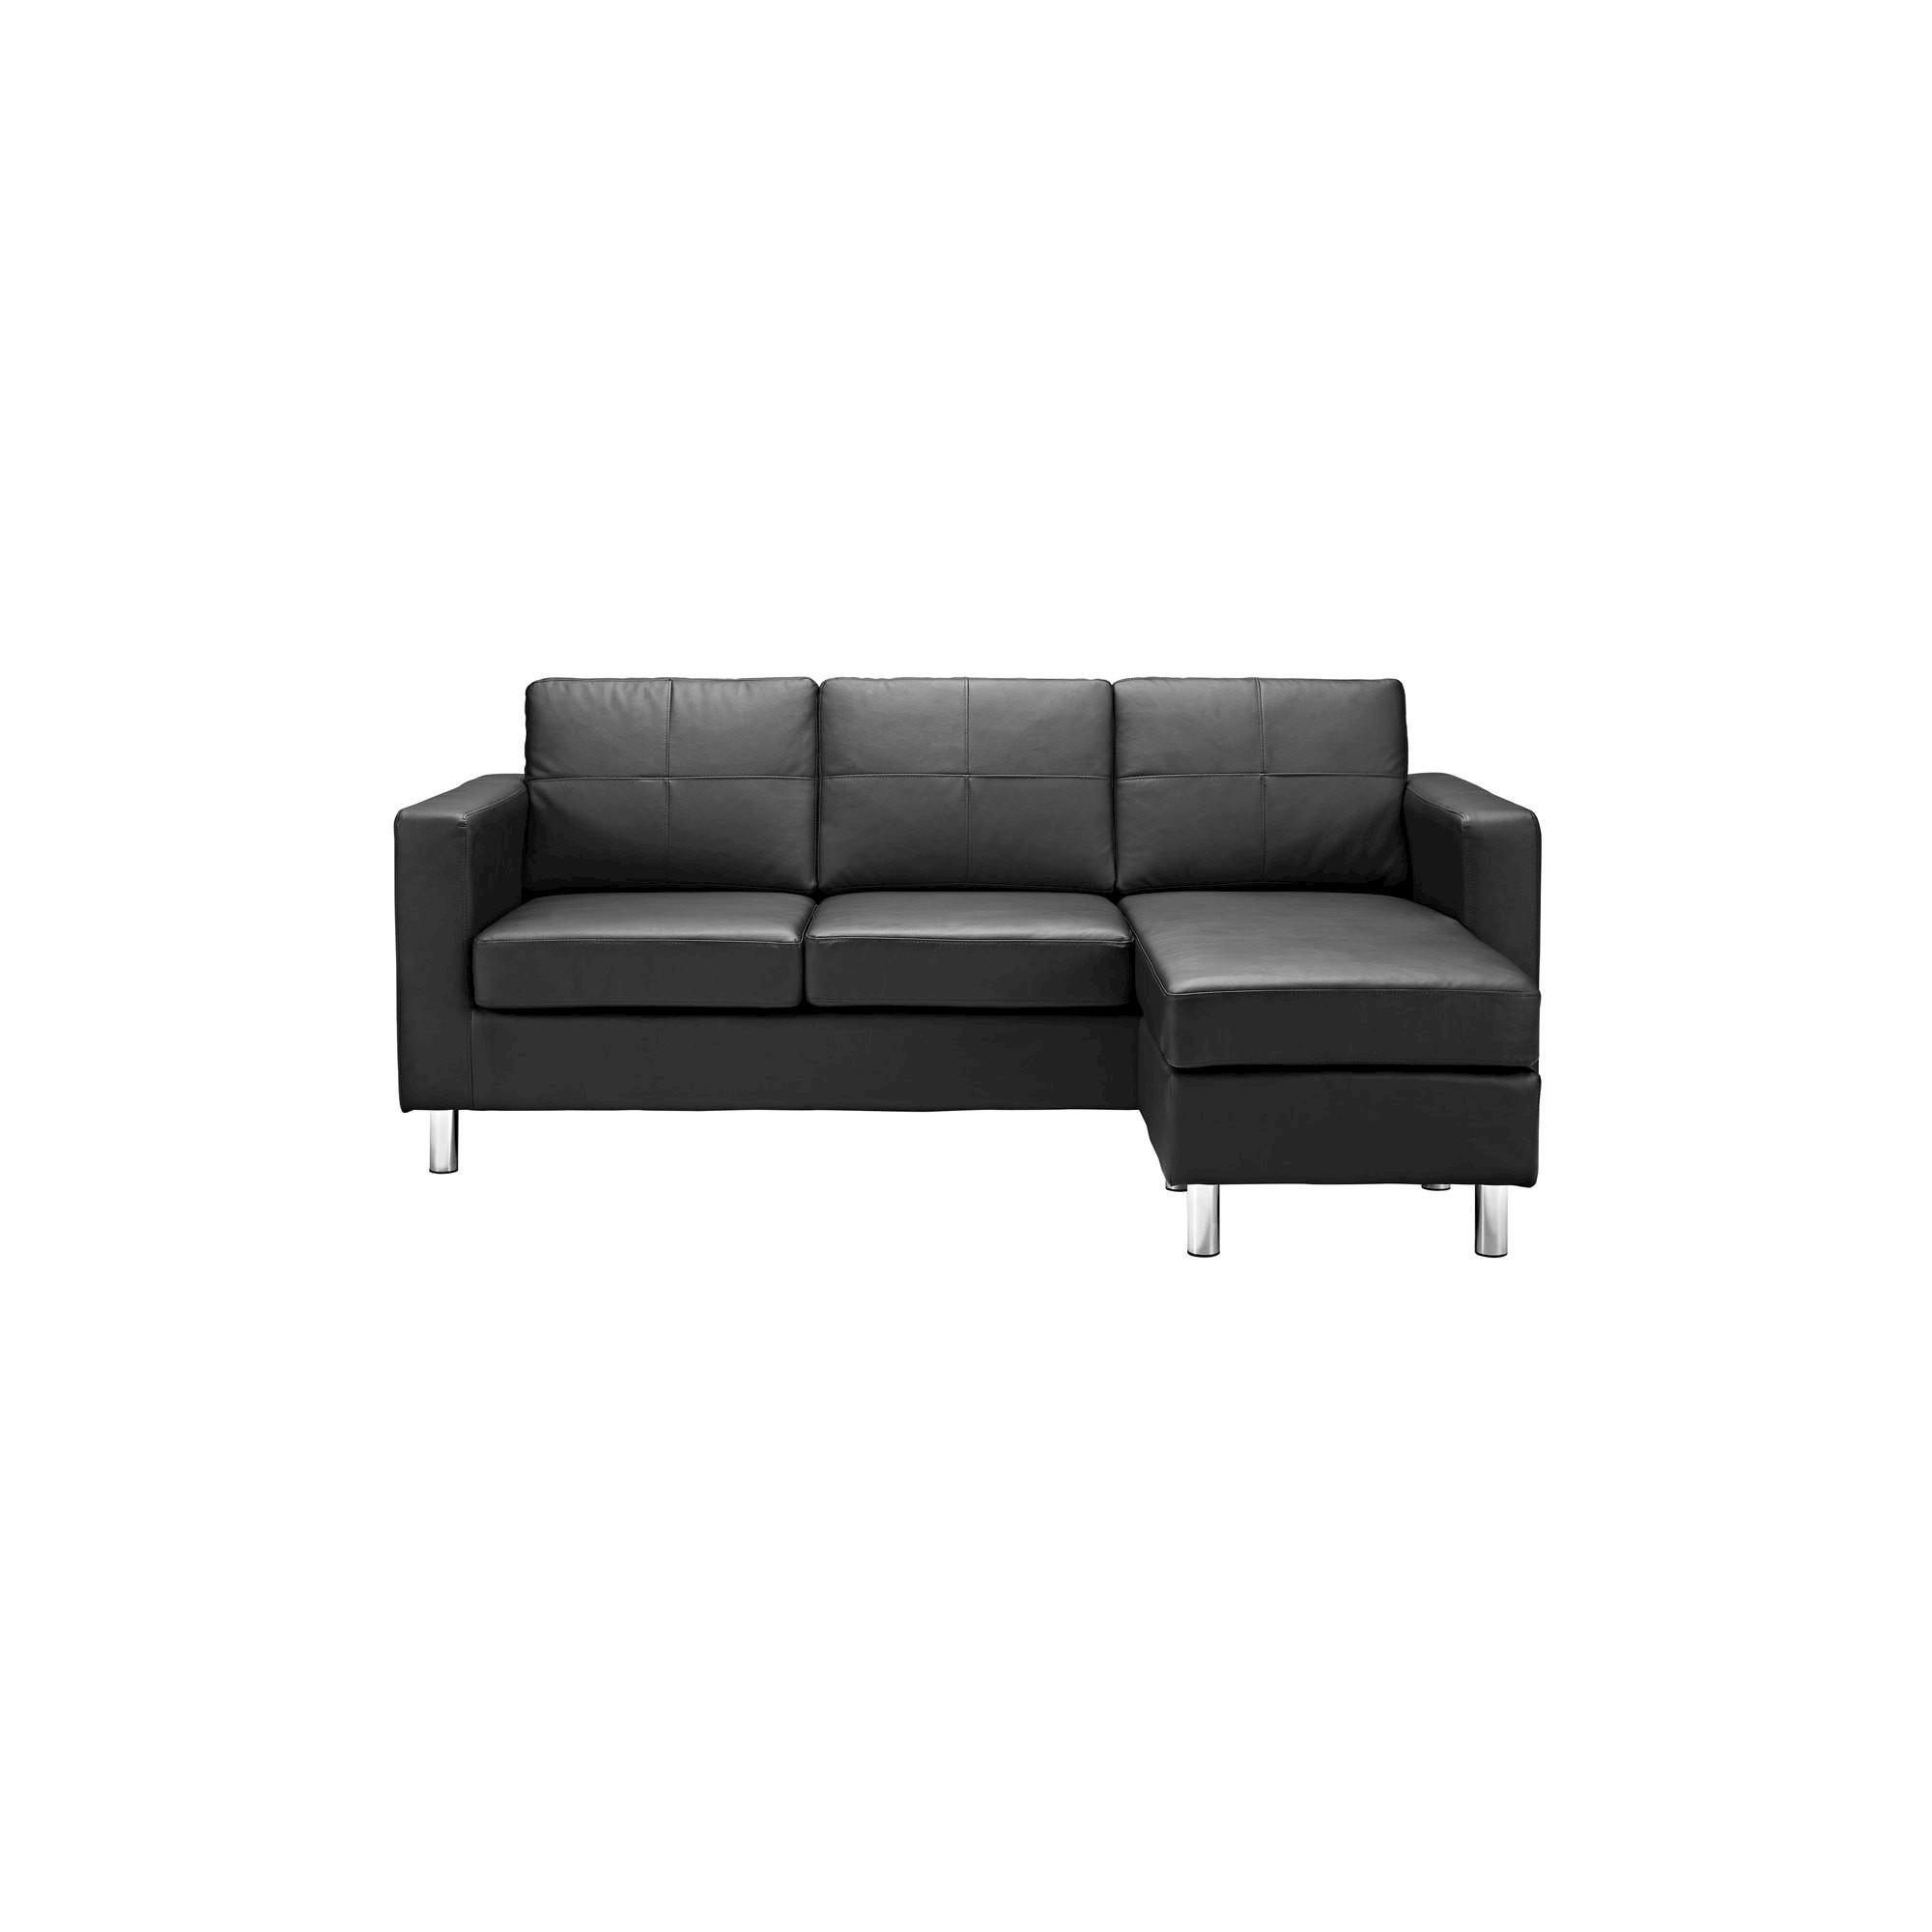 Small Es Configurable Sectional Sofa Black Dorel Living